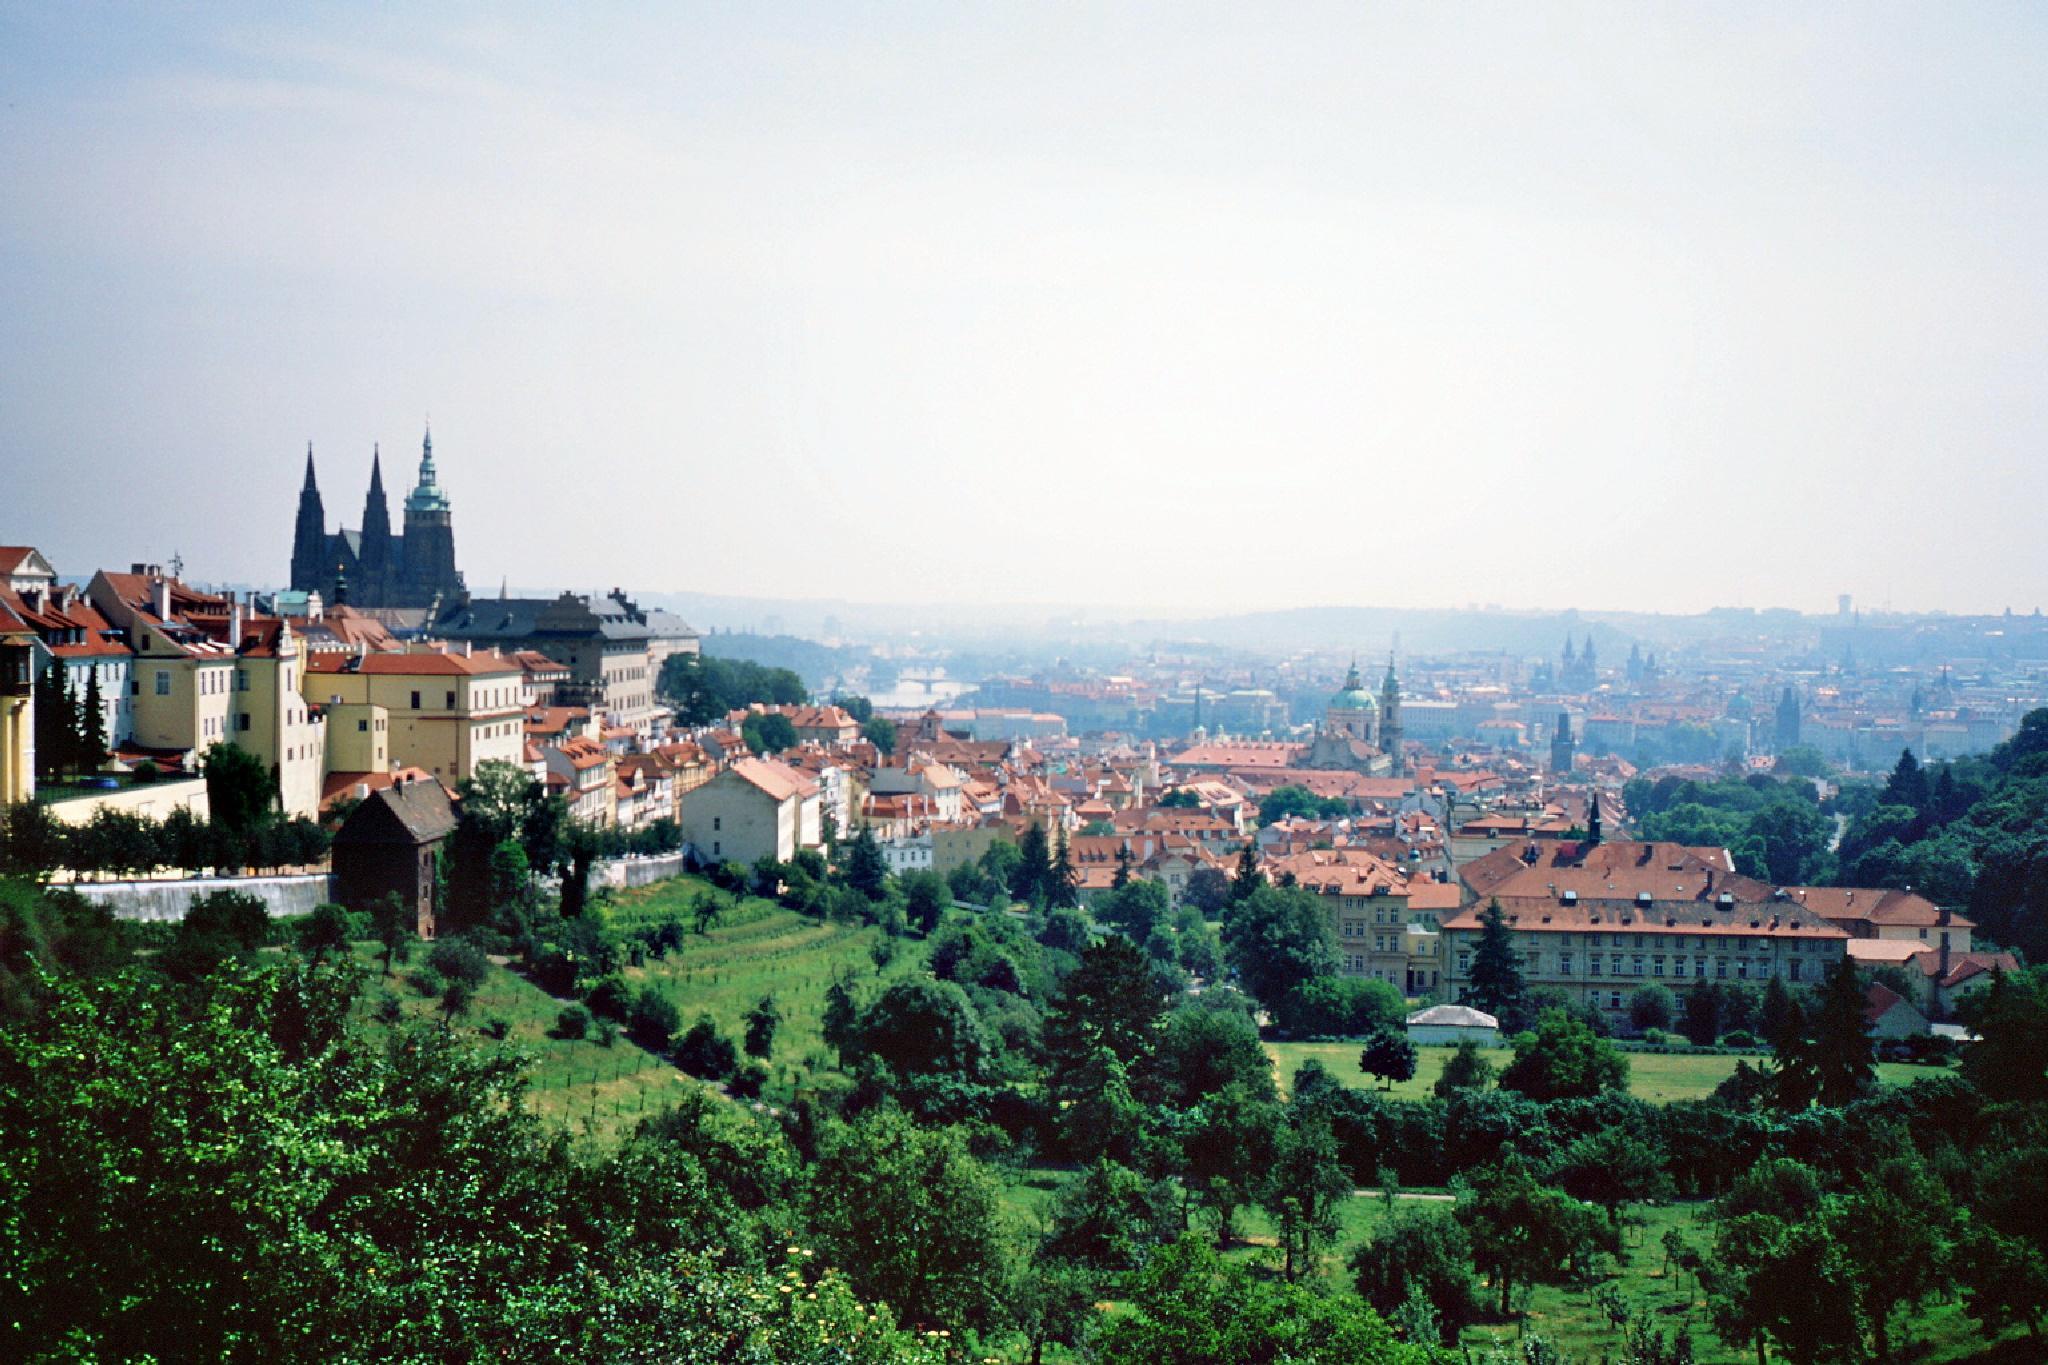 Prague view on slide film by Anatoliy Ashmyanskiy